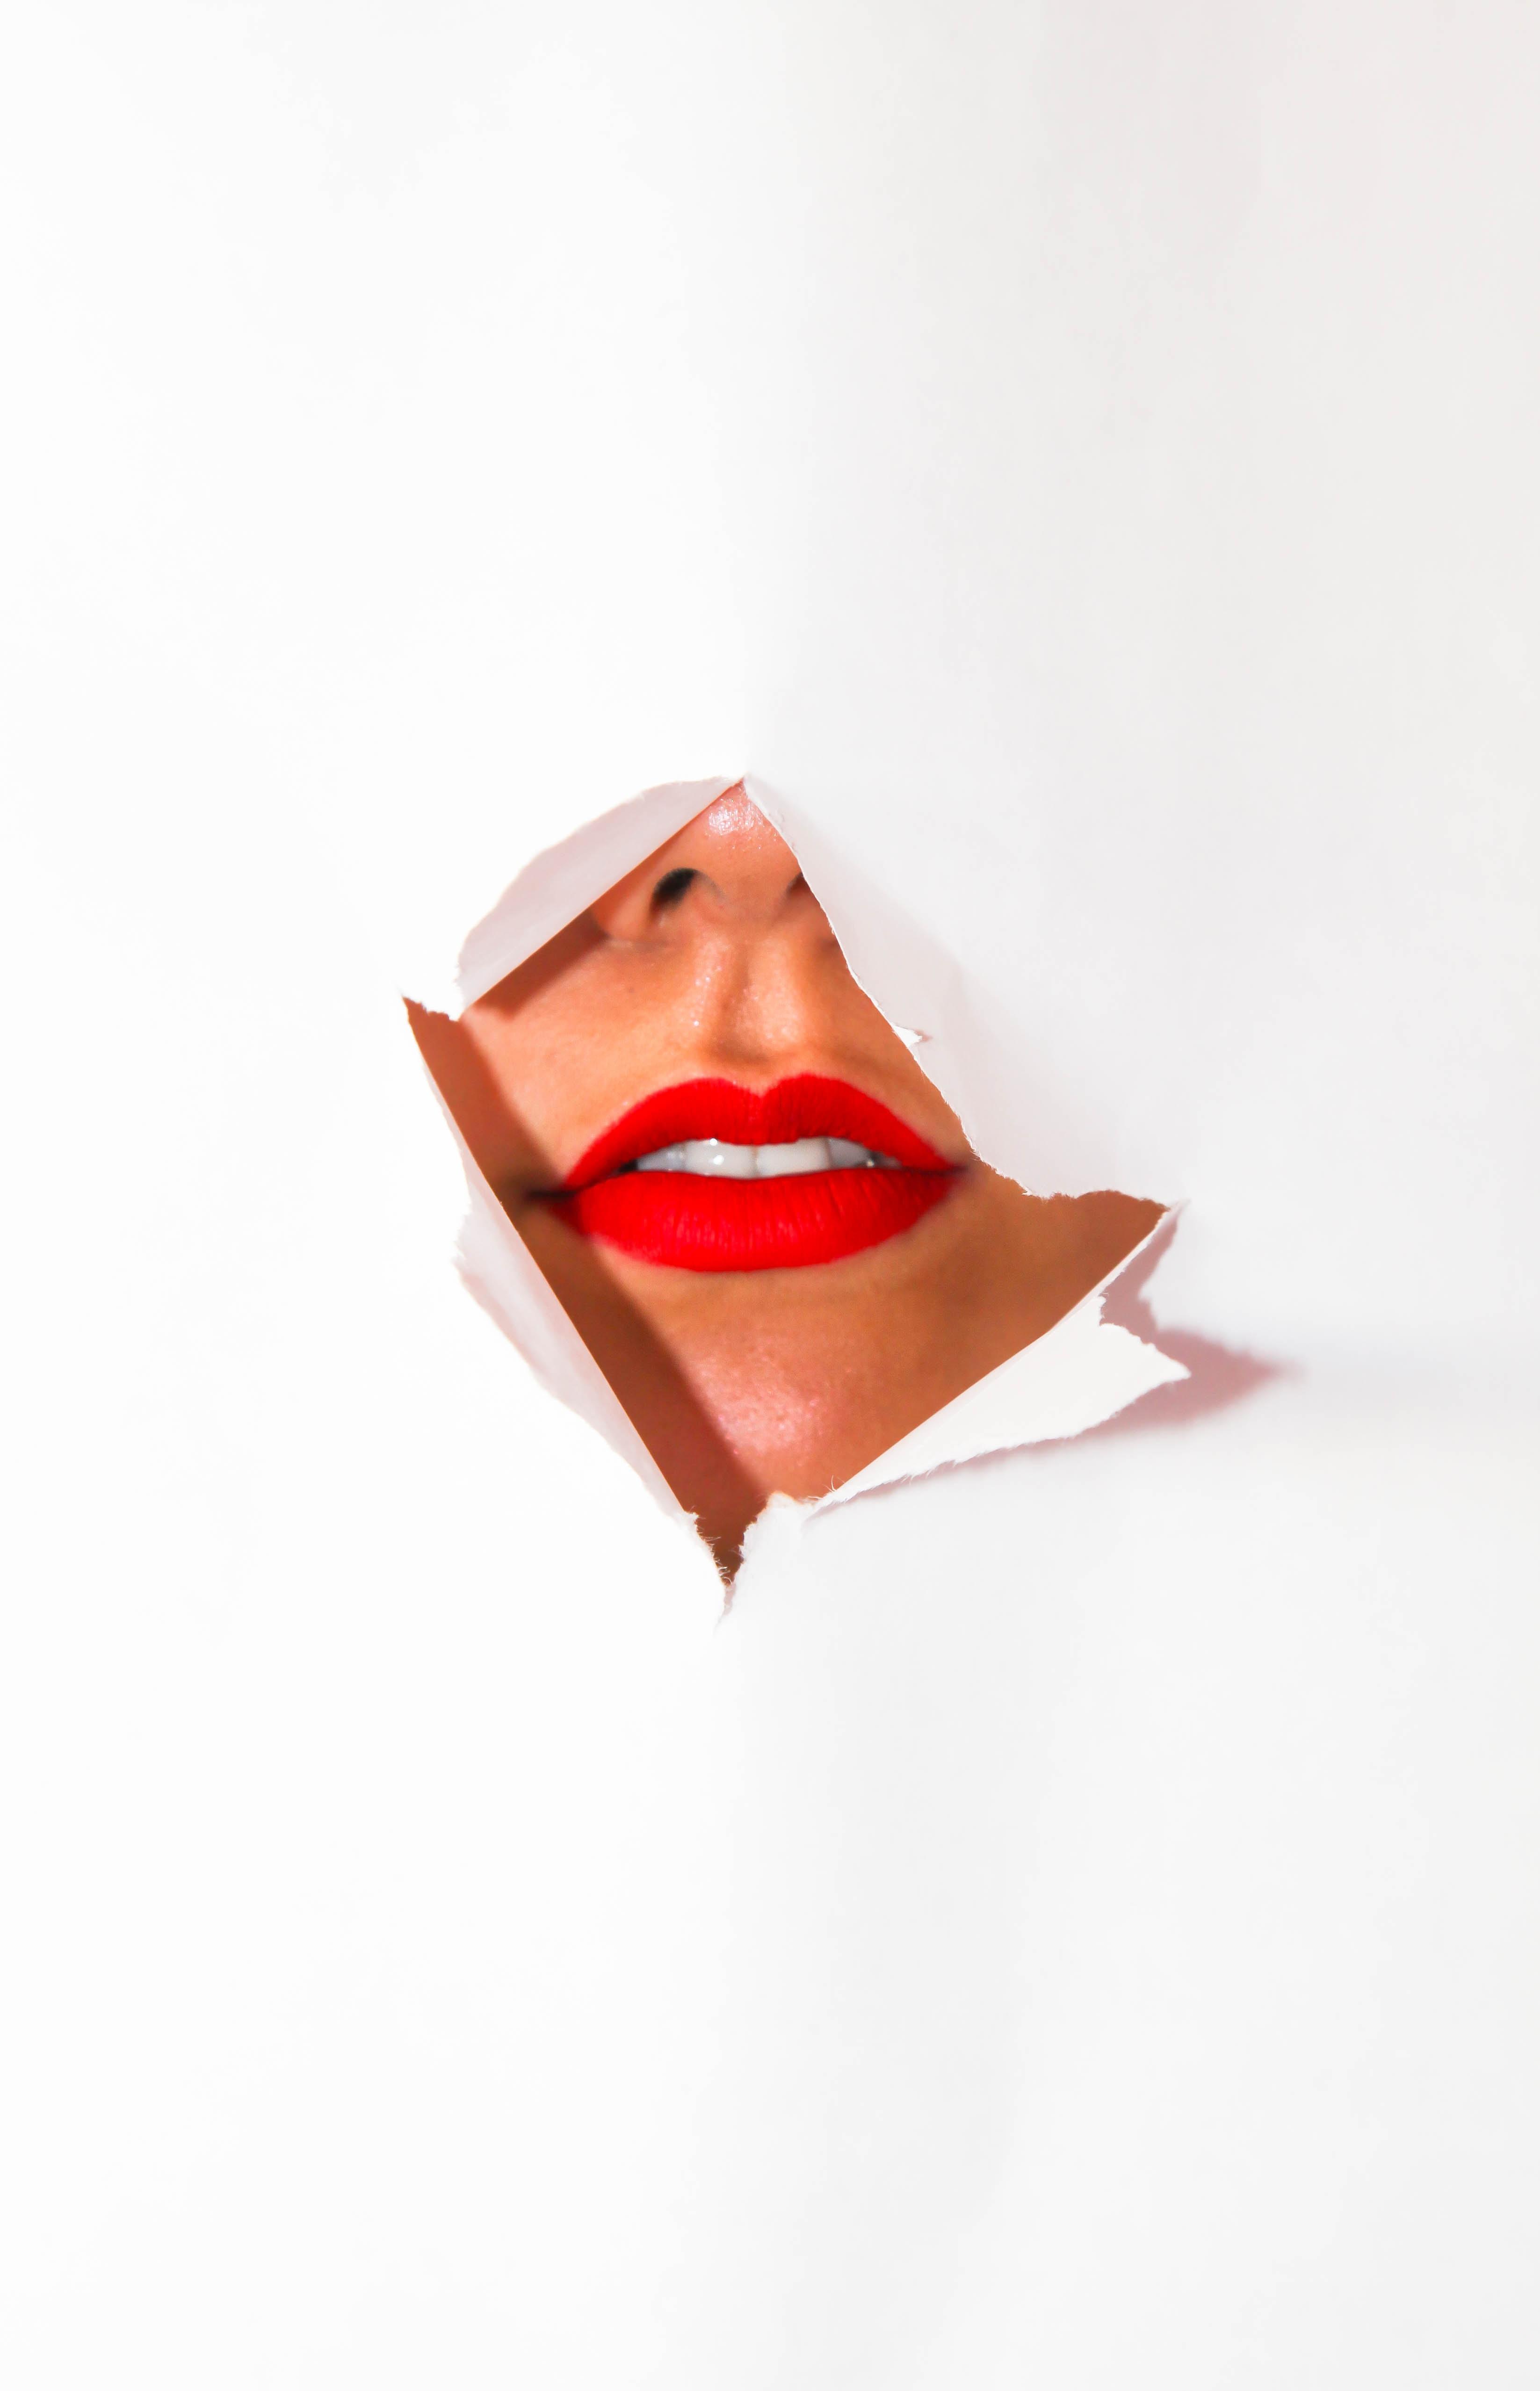 les lèvres perdent du poids perte de poids skokie